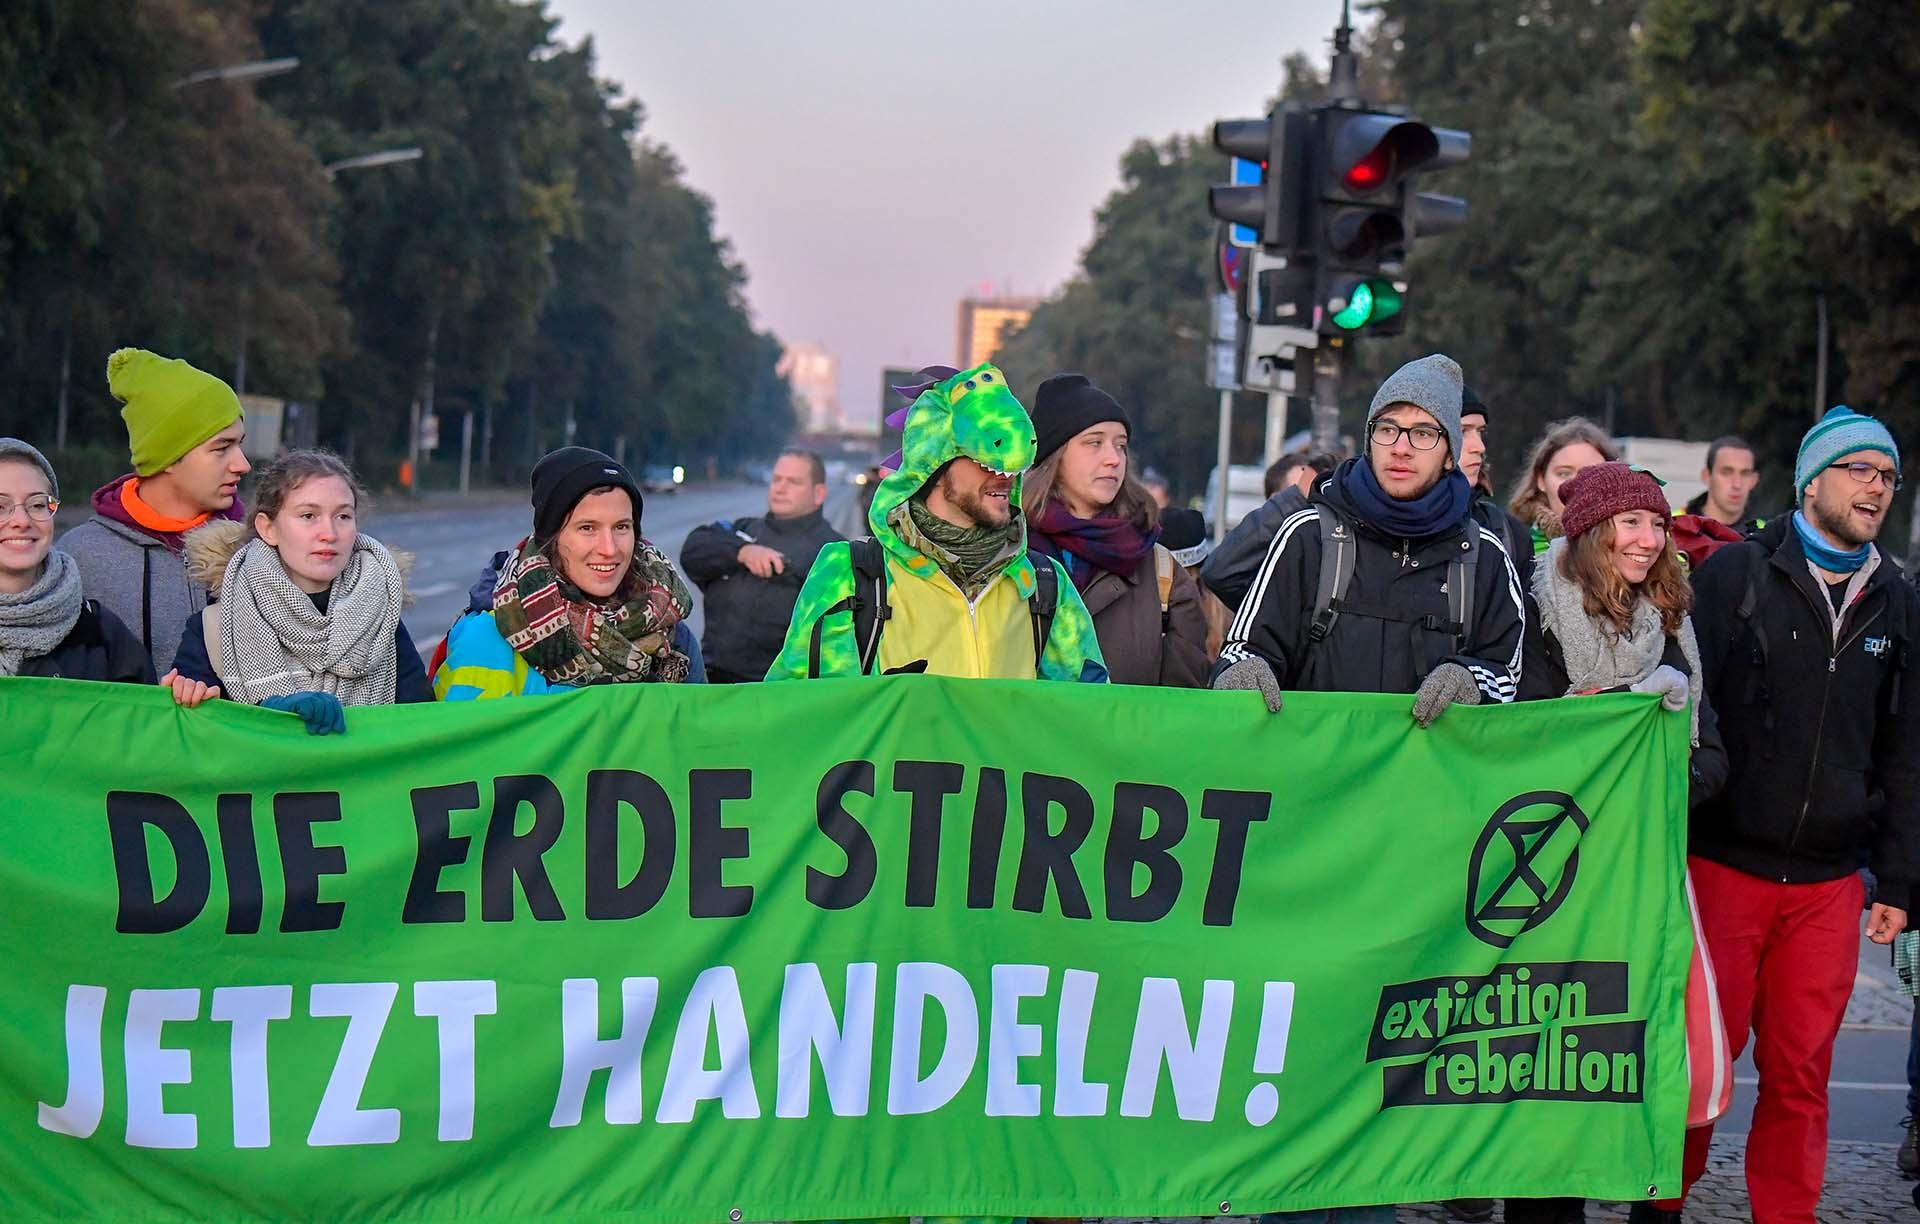 Los activistas sostienen una pancarta que dice